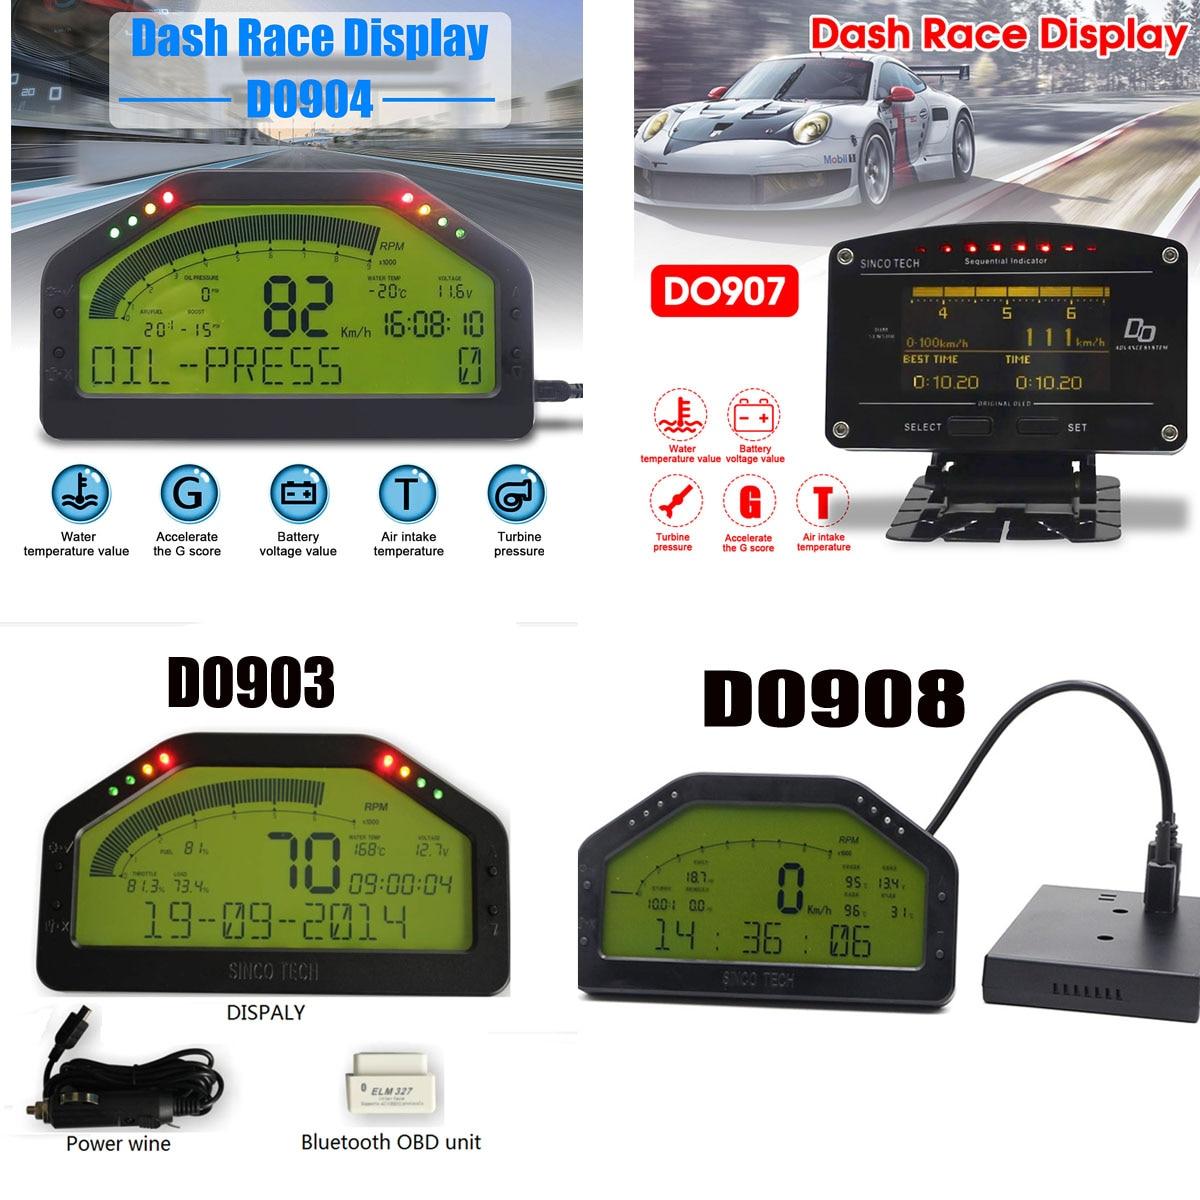 Étanche Dash Course Affichage Plein kit de détecteur écran lcd OBD Bluetooh Connexion Universel Dash Conseil DO903 DO904 DO907 DO908